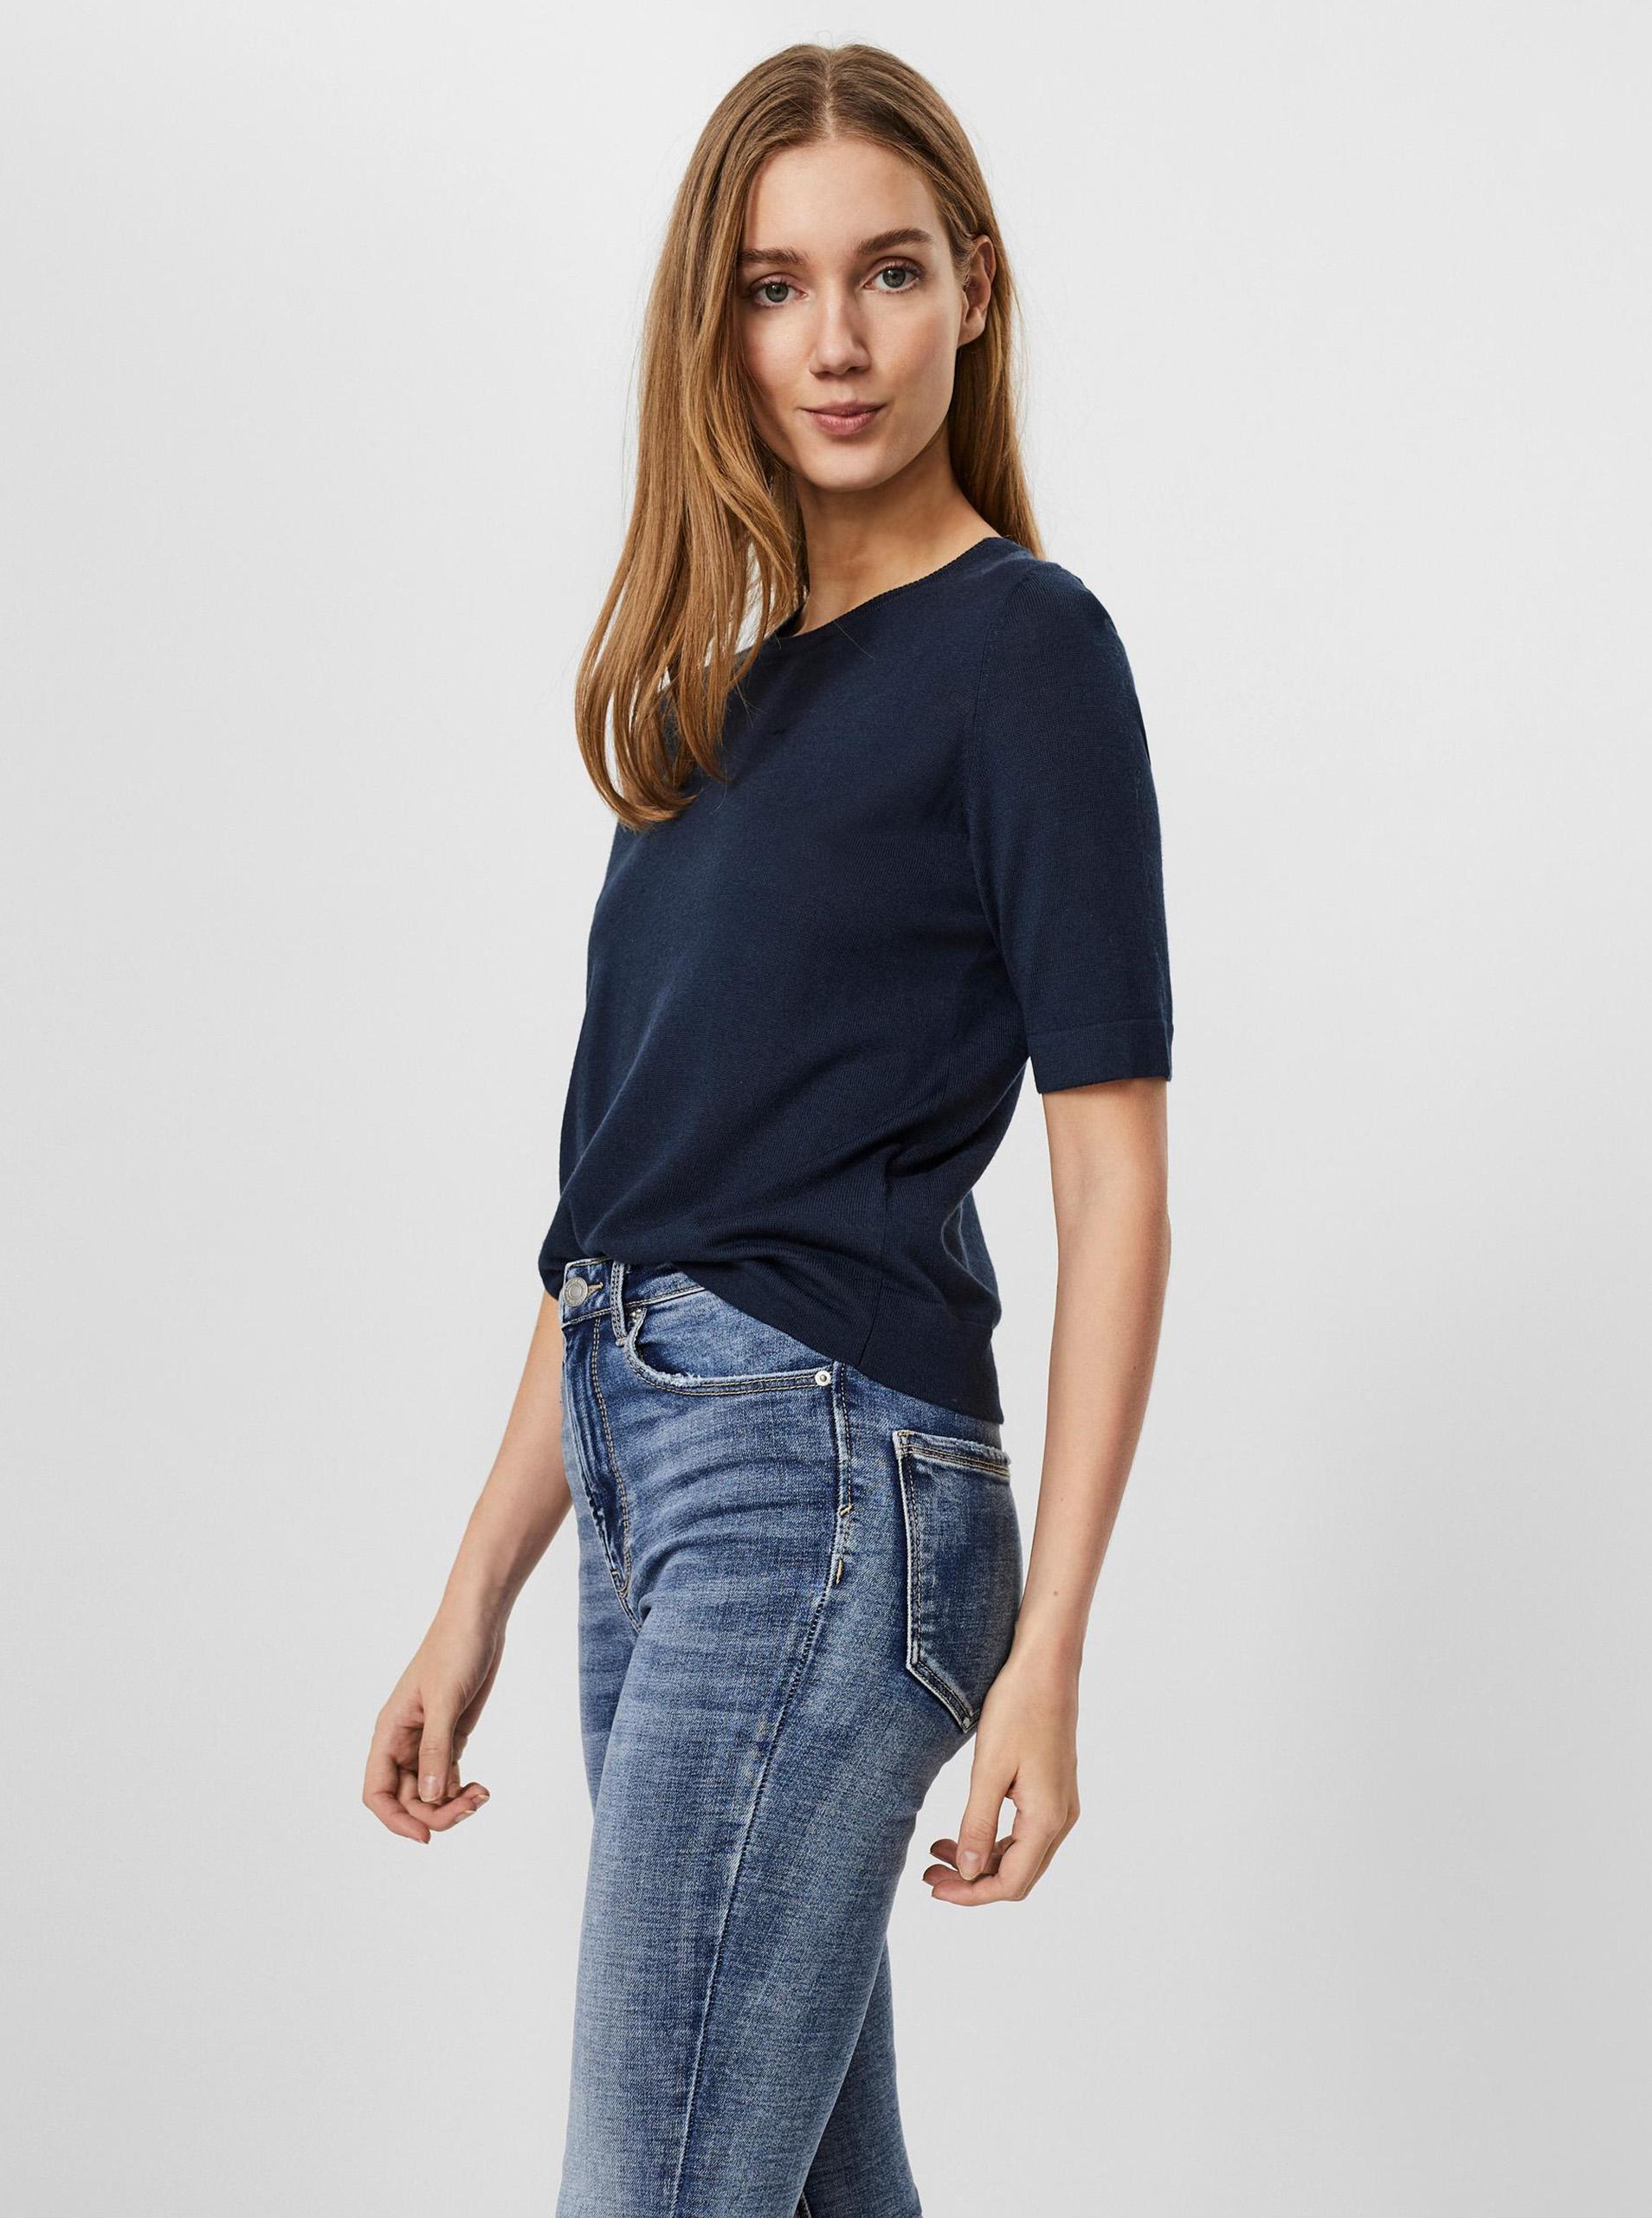 Vero Moda blu maglietta Silke